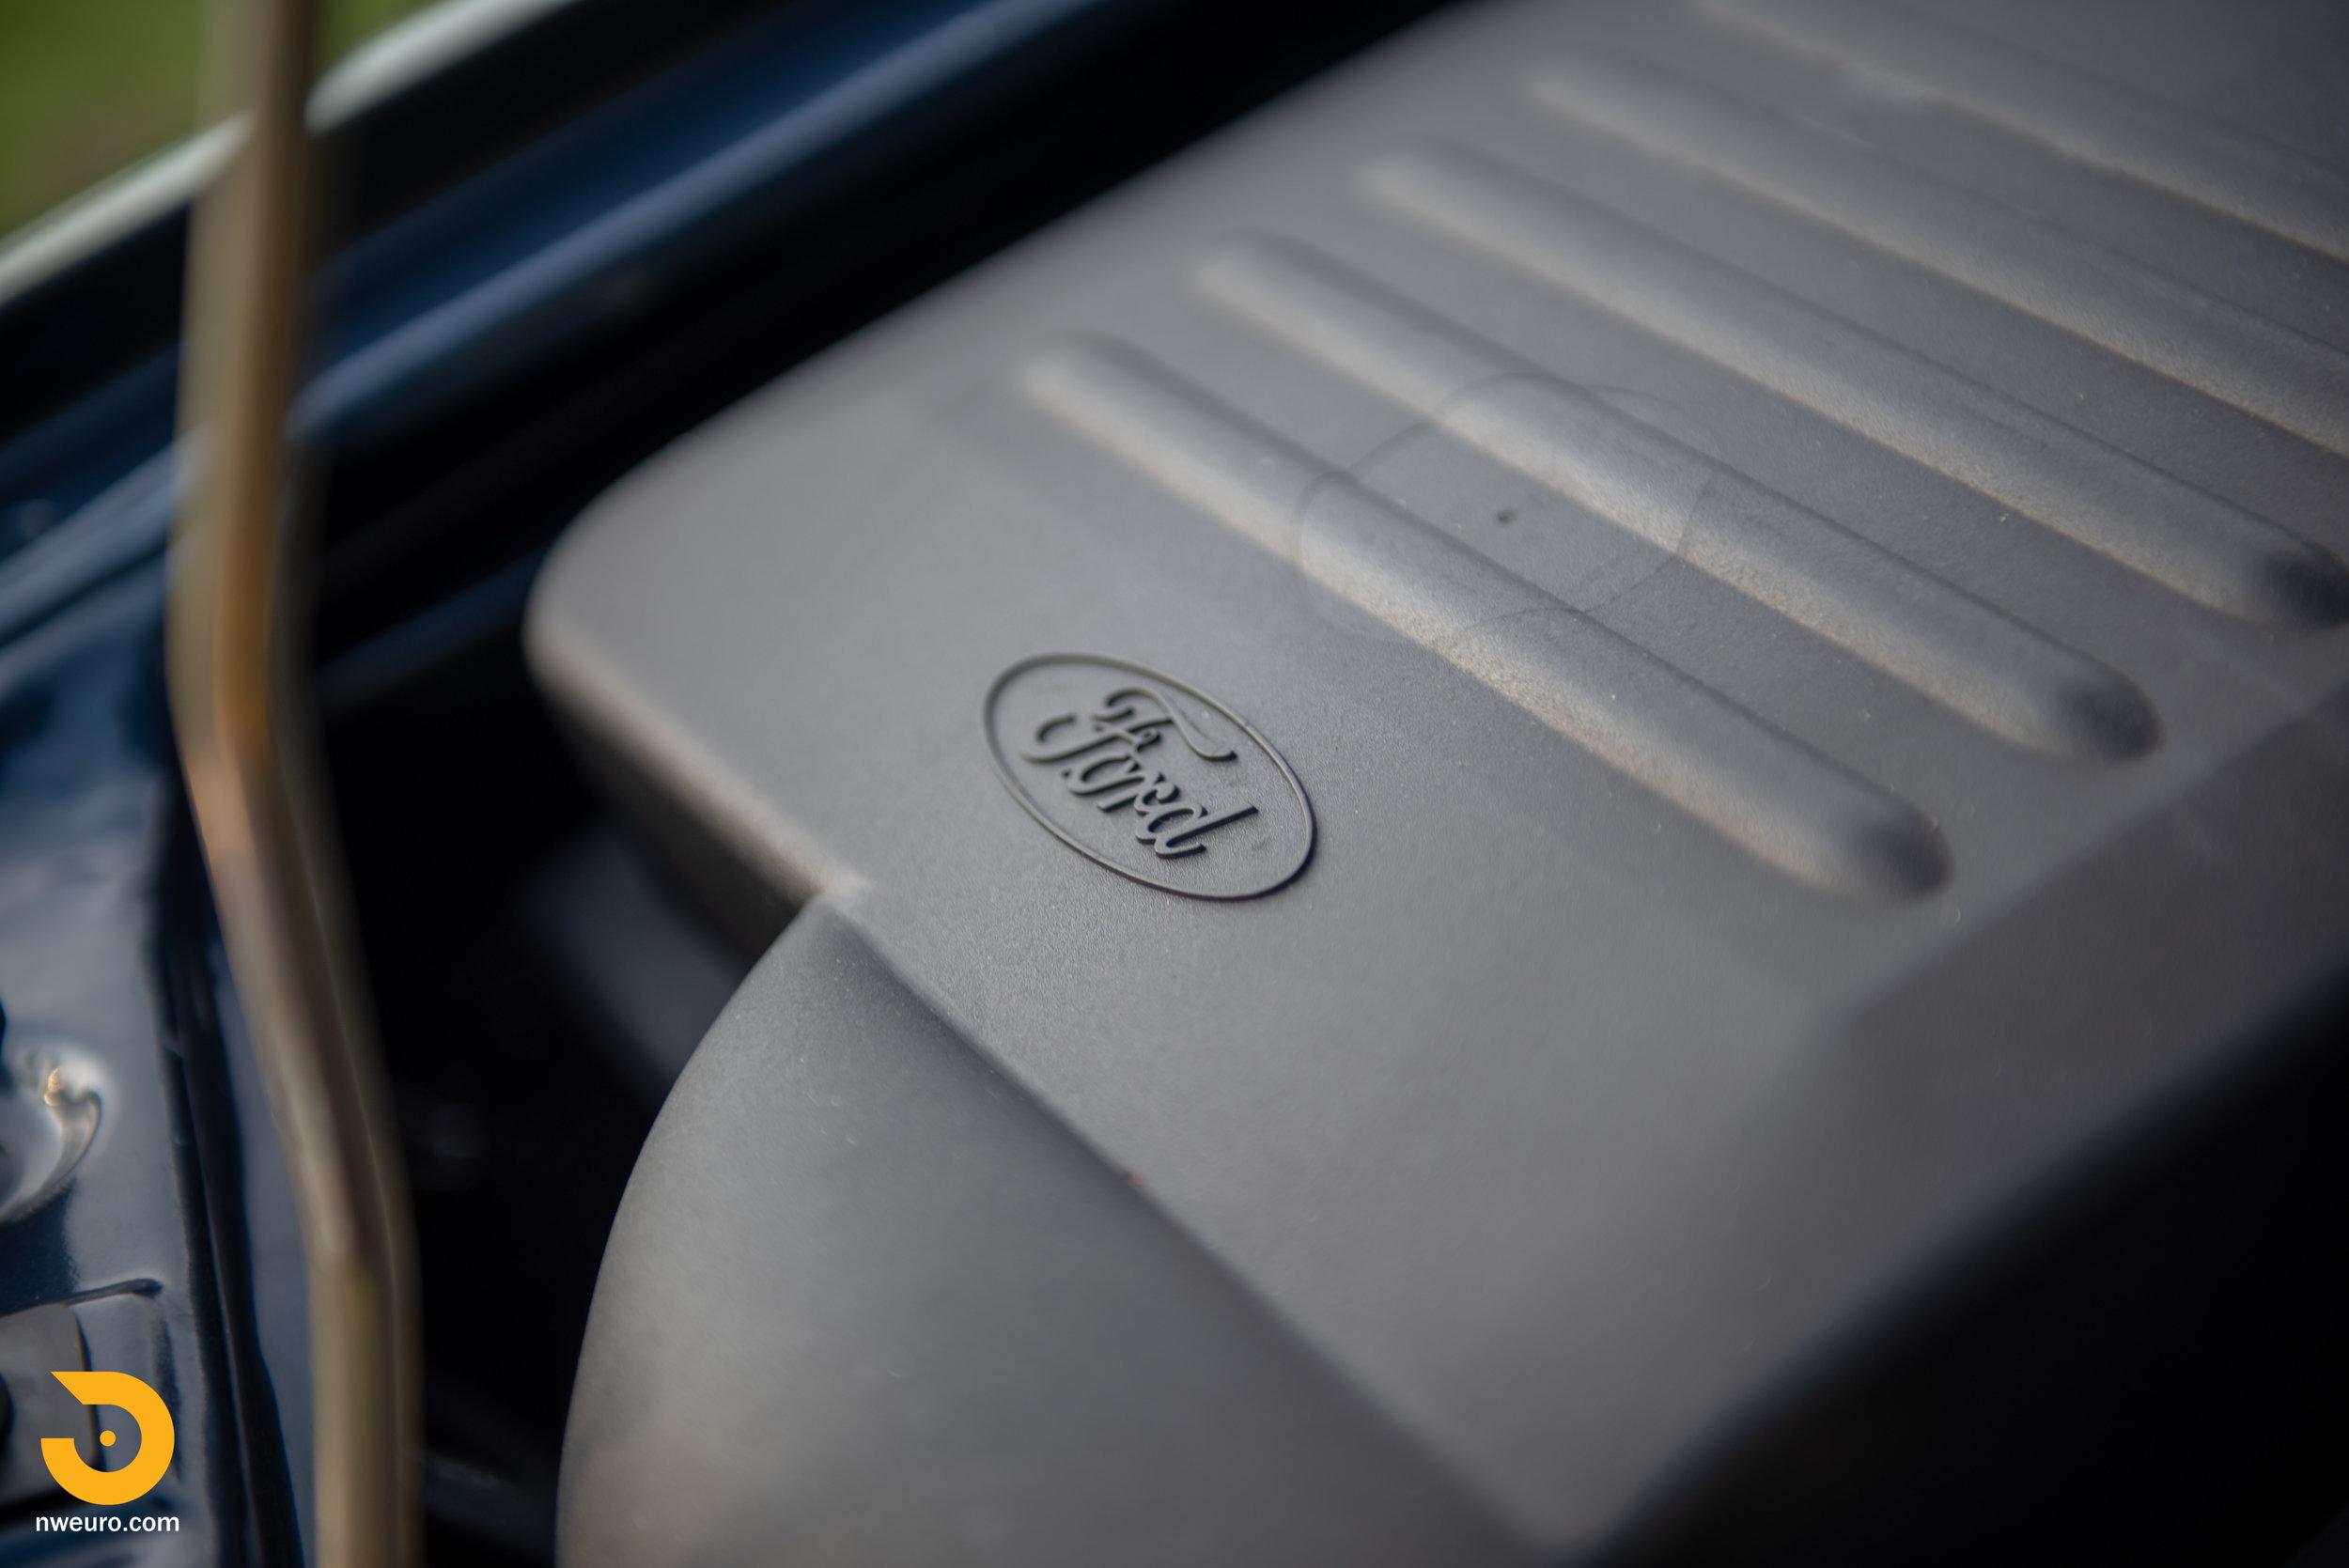 1995 Ford Escort Cosworth - Petrol Blue-39.jpg